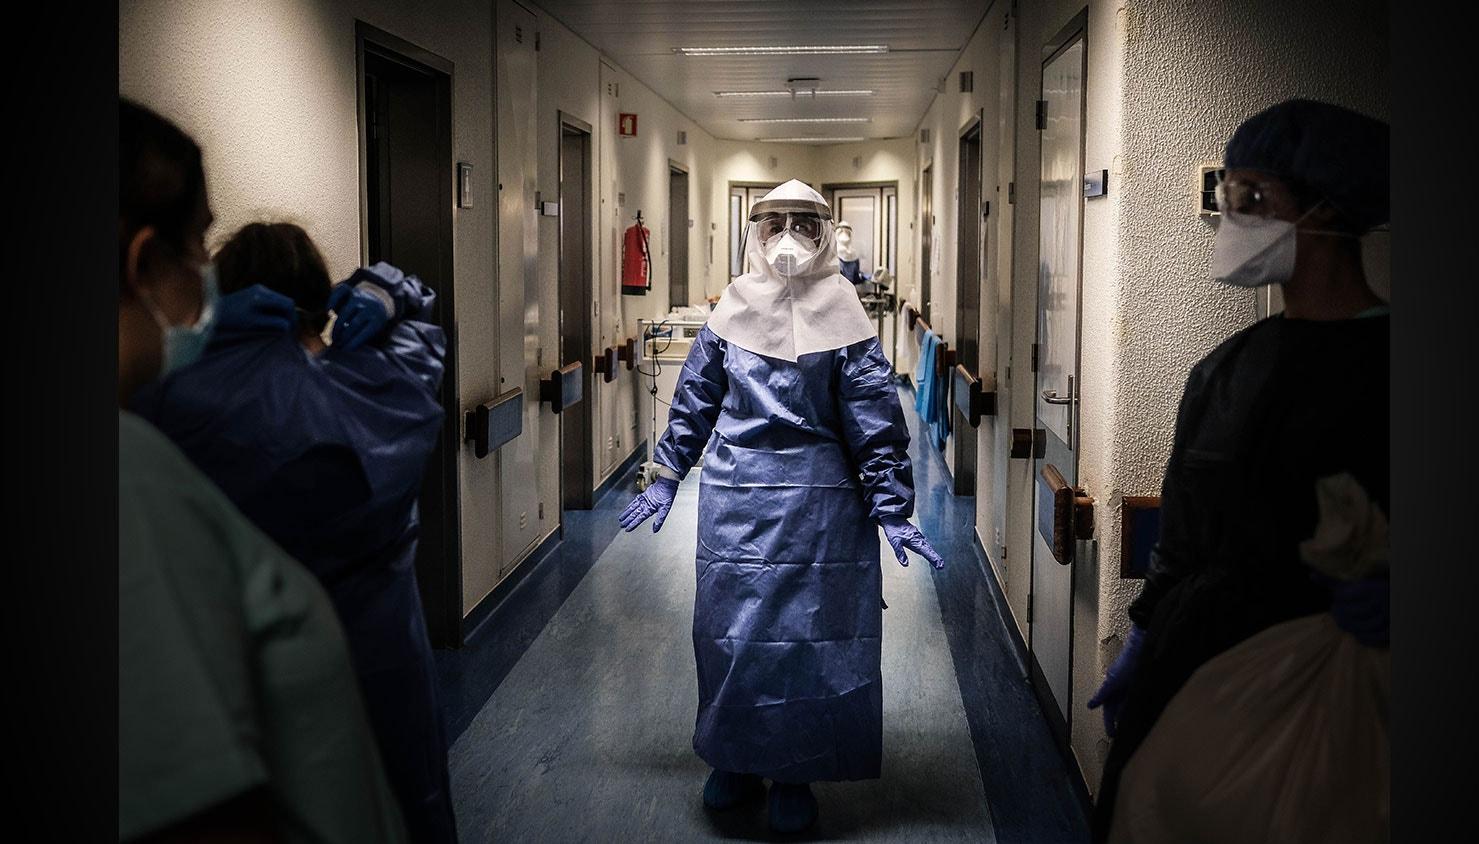 Enfermeiras trocam informações na área reservada para doentes Covid-19. / Mário Cruz - Lusa